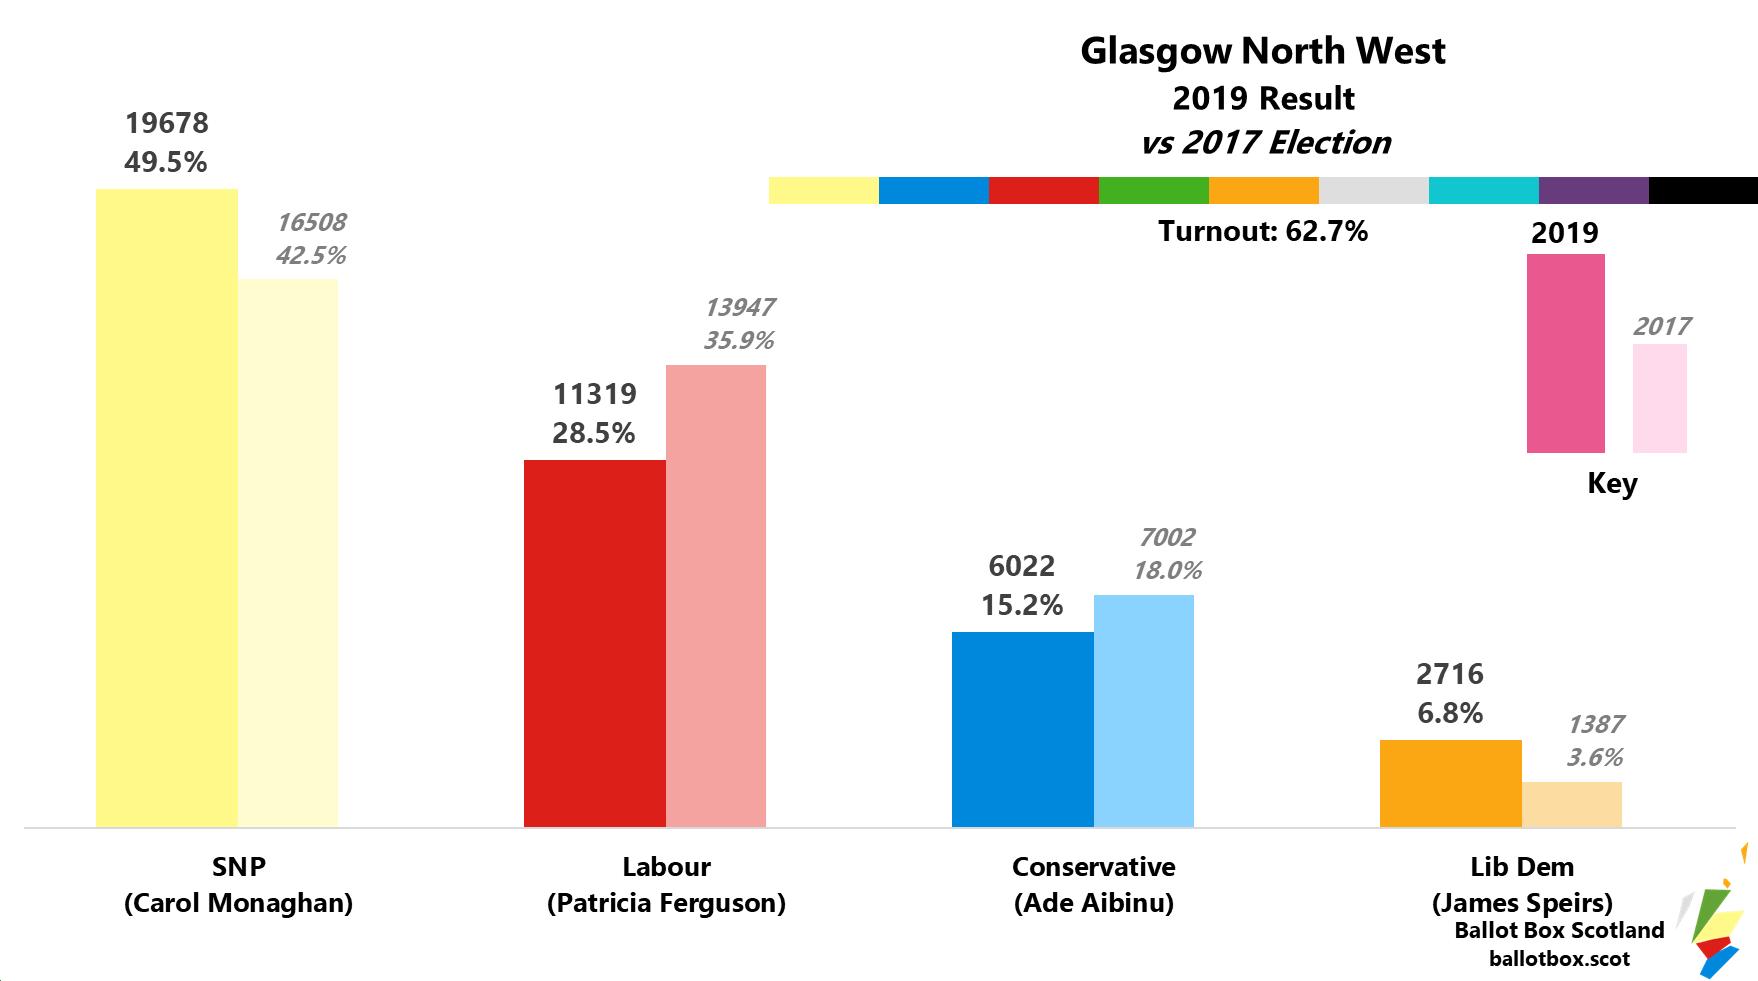 Glasgow North West 2019